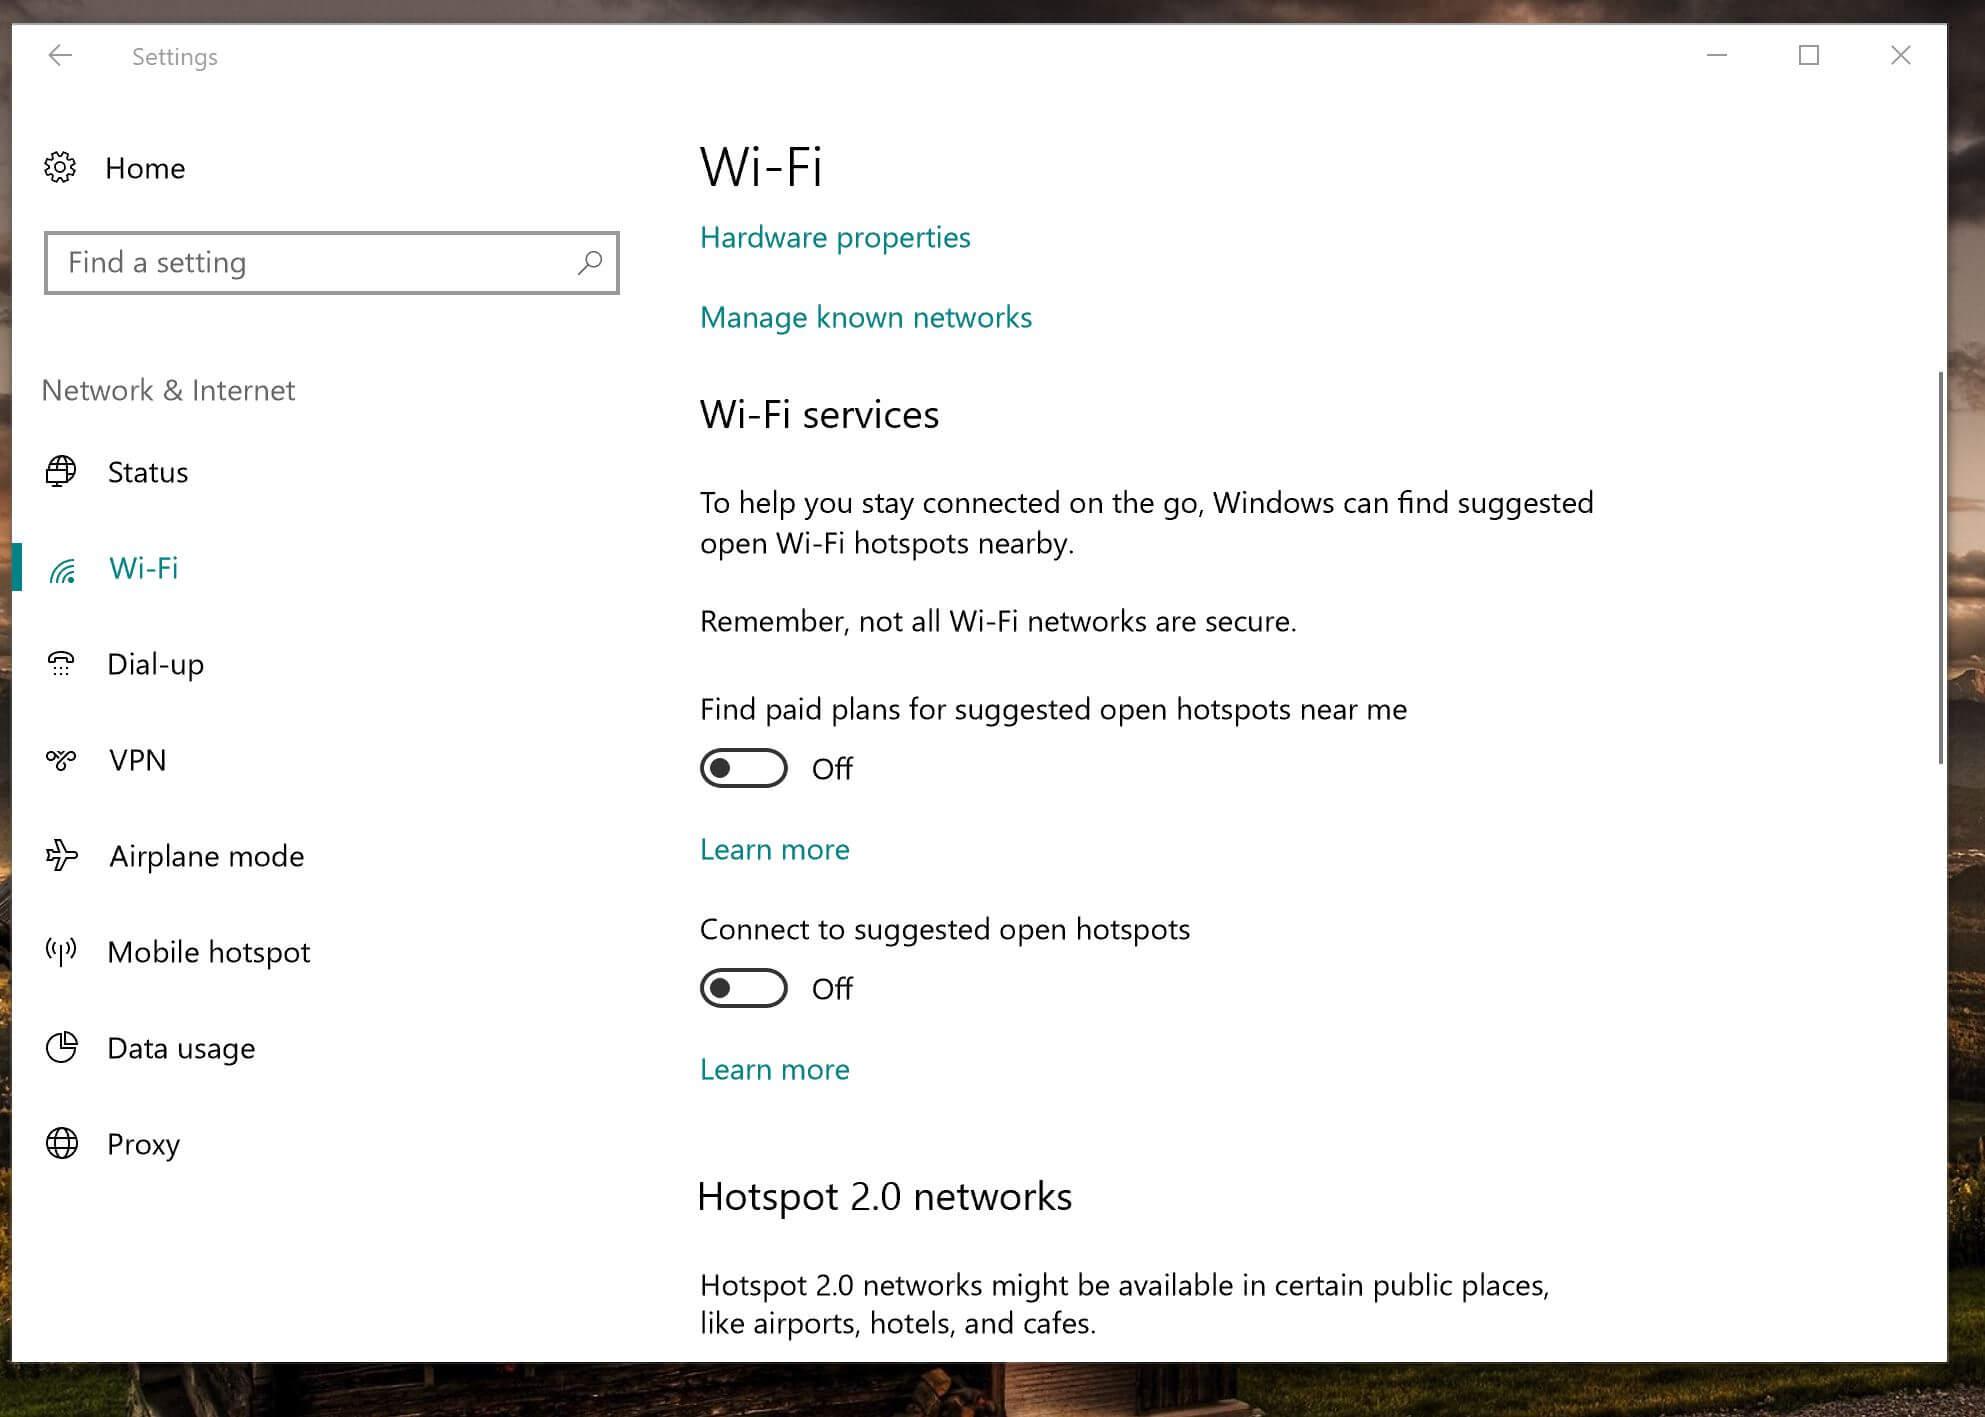 As configurações de Wi-Fi no Windows 10